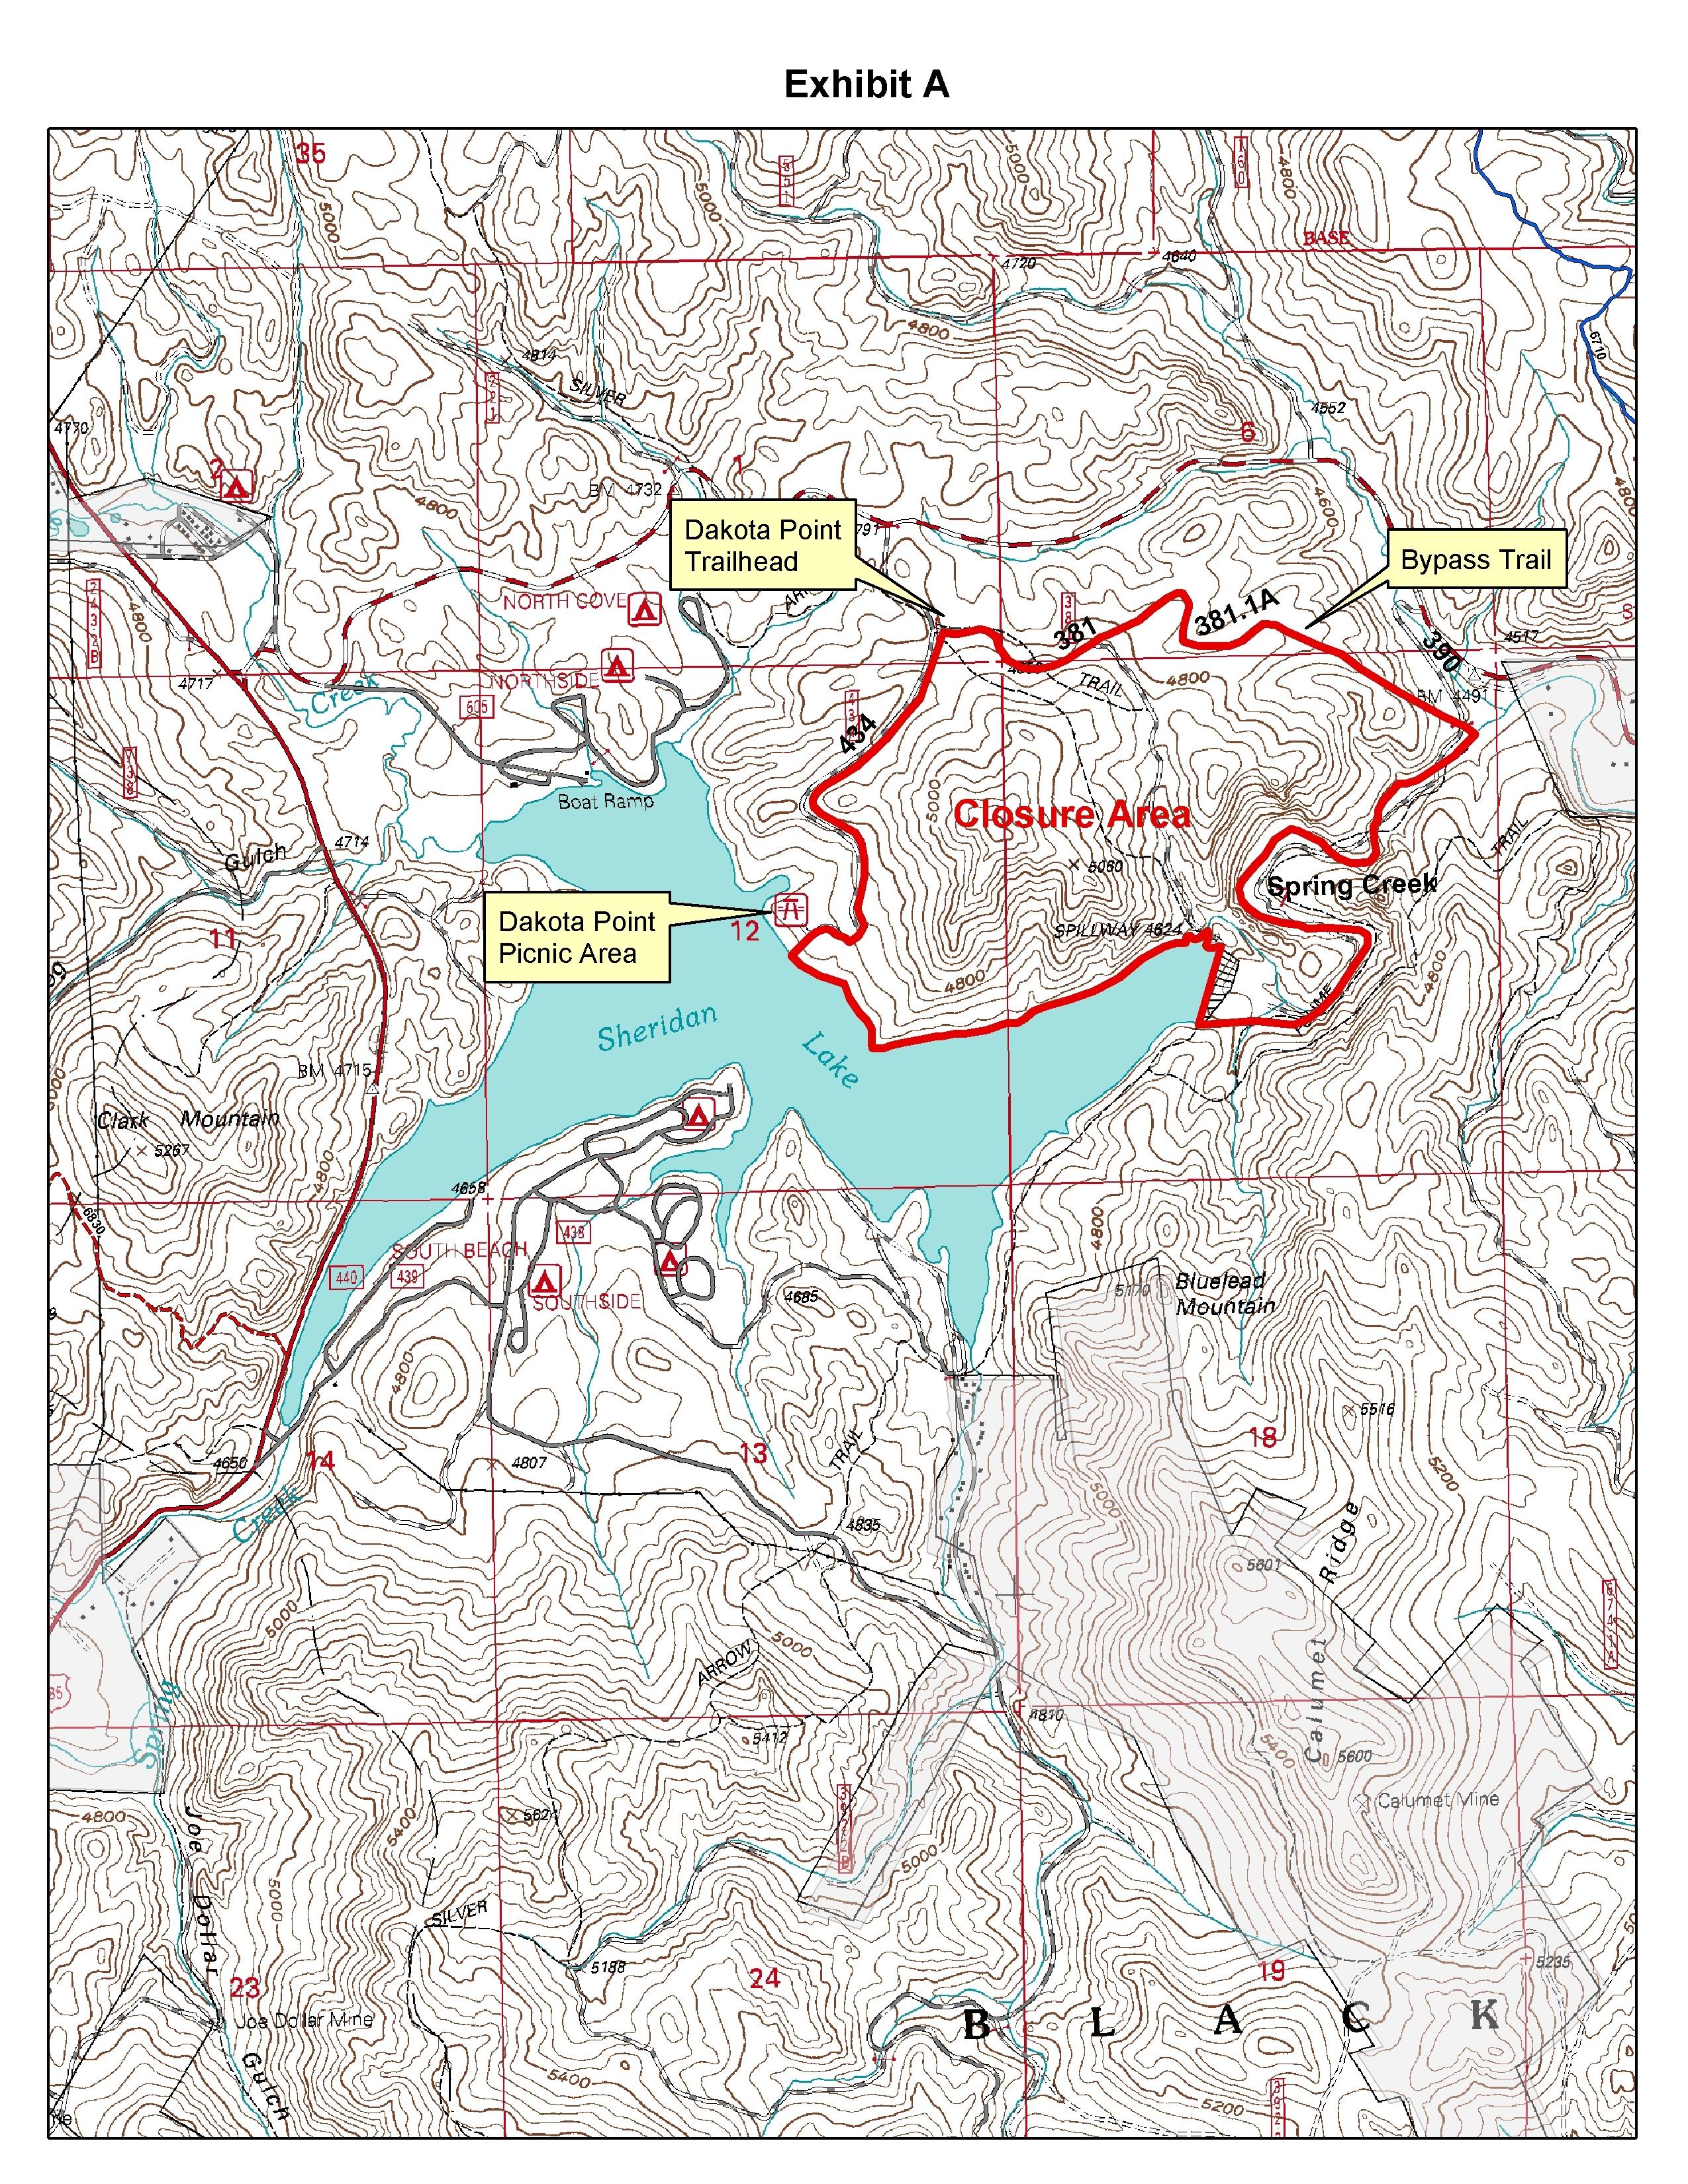 Black Hills National Forest - Alerts & Notices